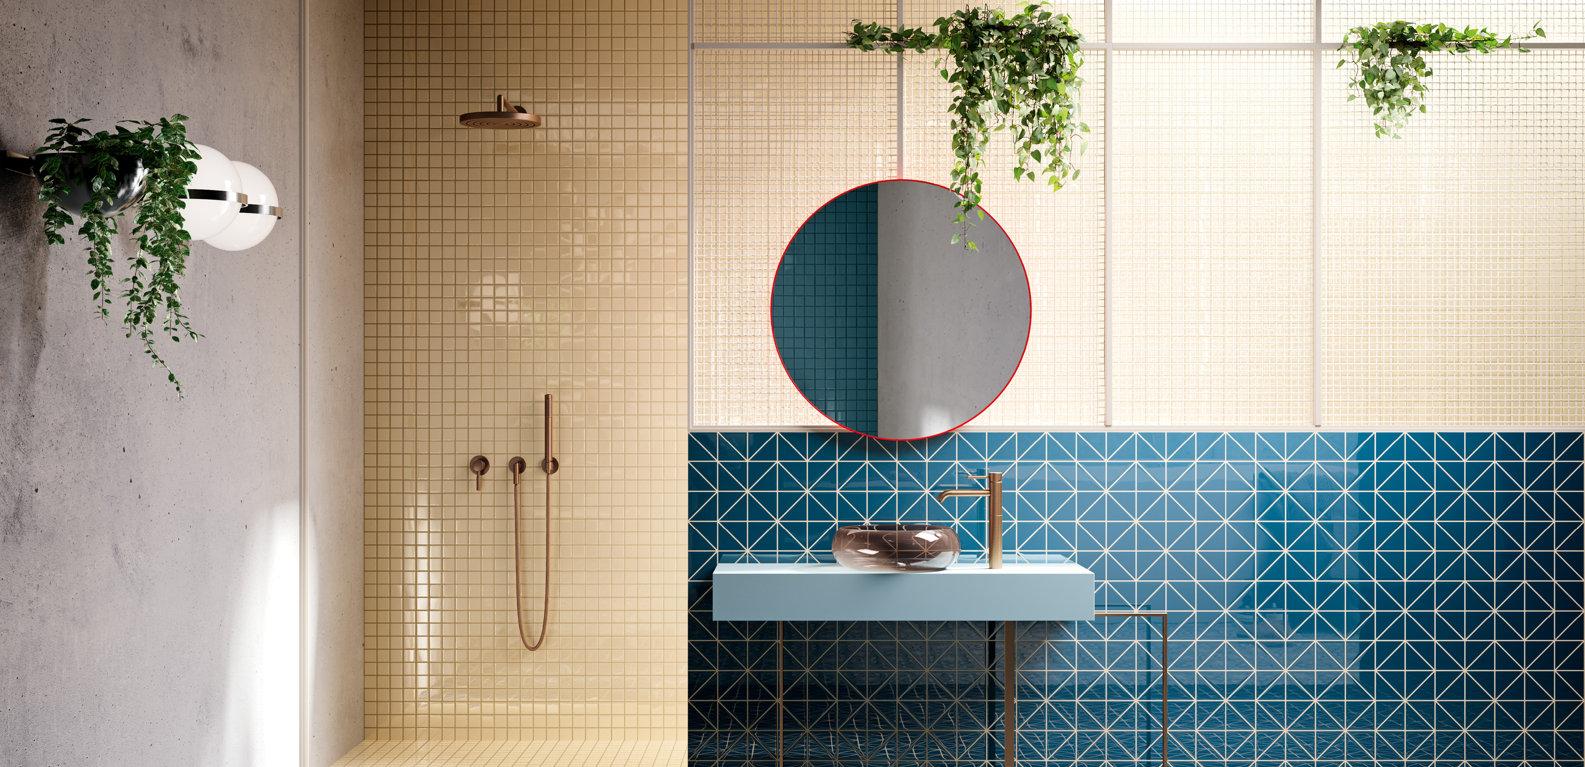 Piastrelle Bagno Mosaico Viola gres porcellanato, piastrelle bagno e cucina in gres smaltato